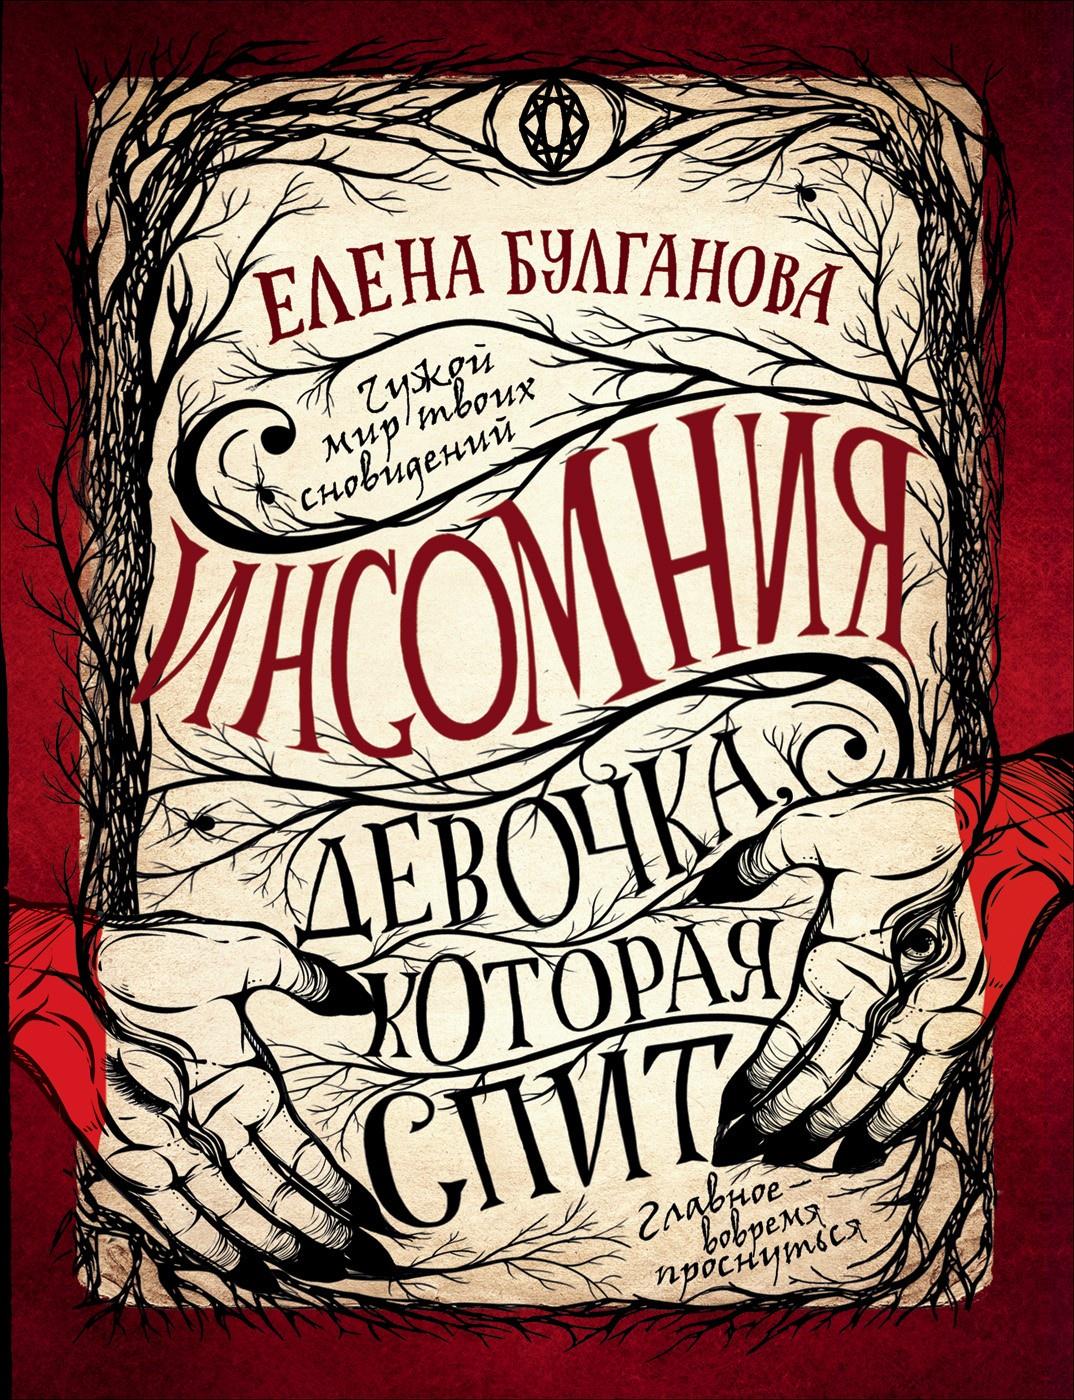 Булганова Е. Инсомния. Девочка, которая спит. Книга 1.